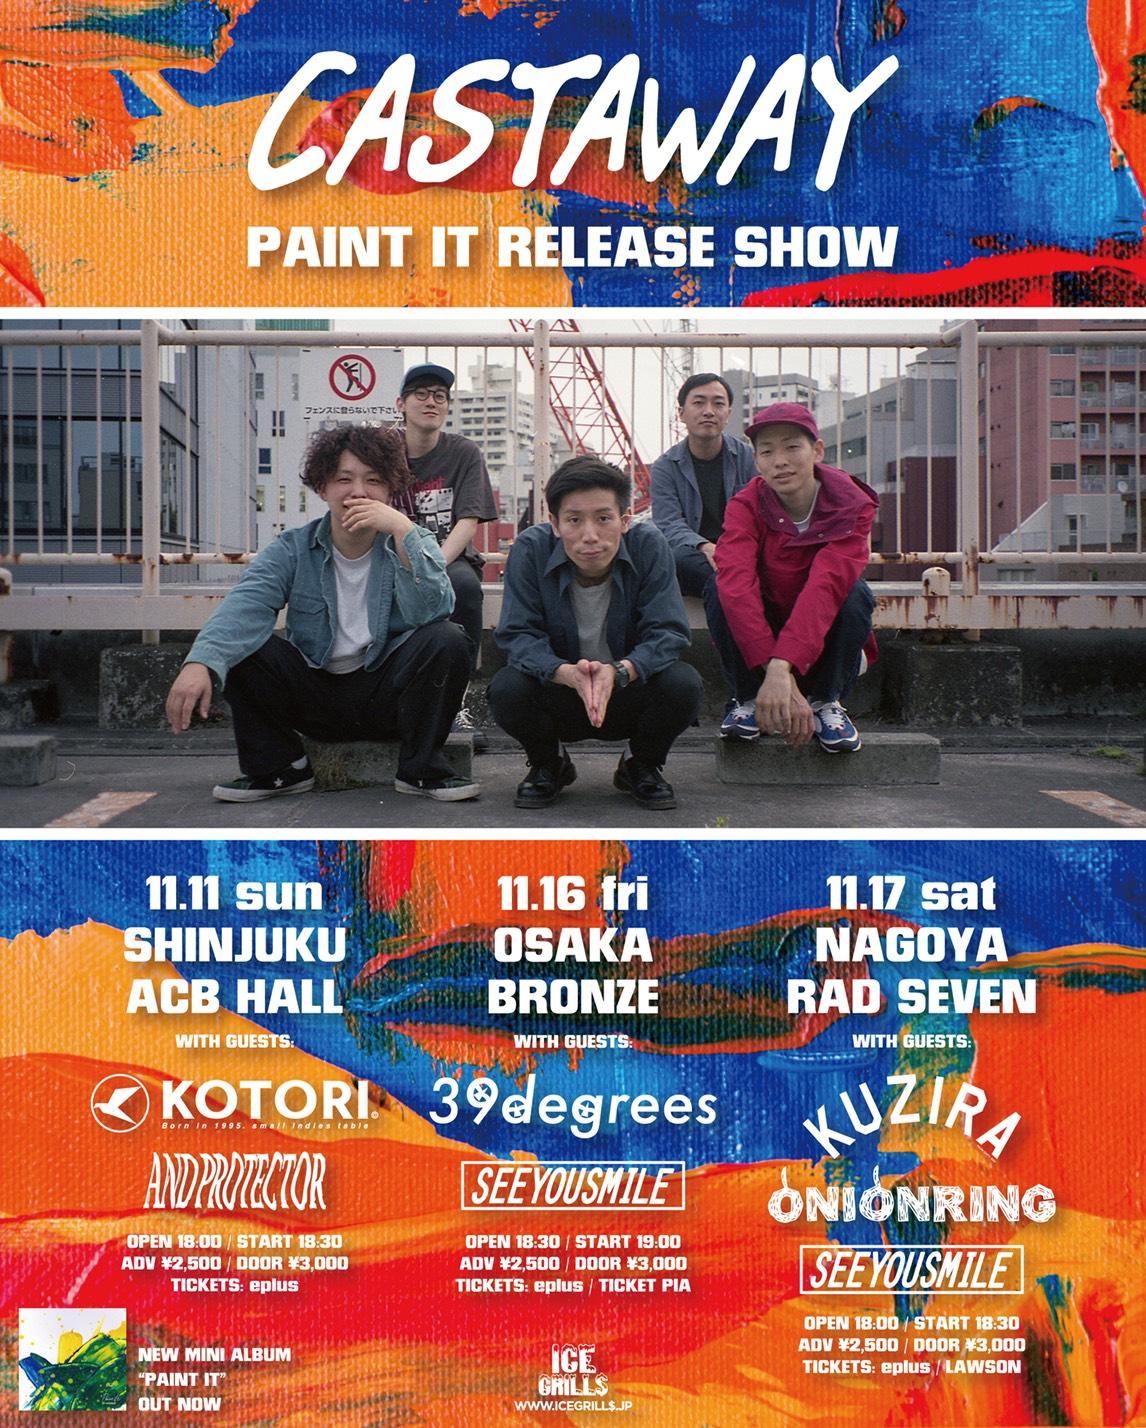 castaway paint it release tour.